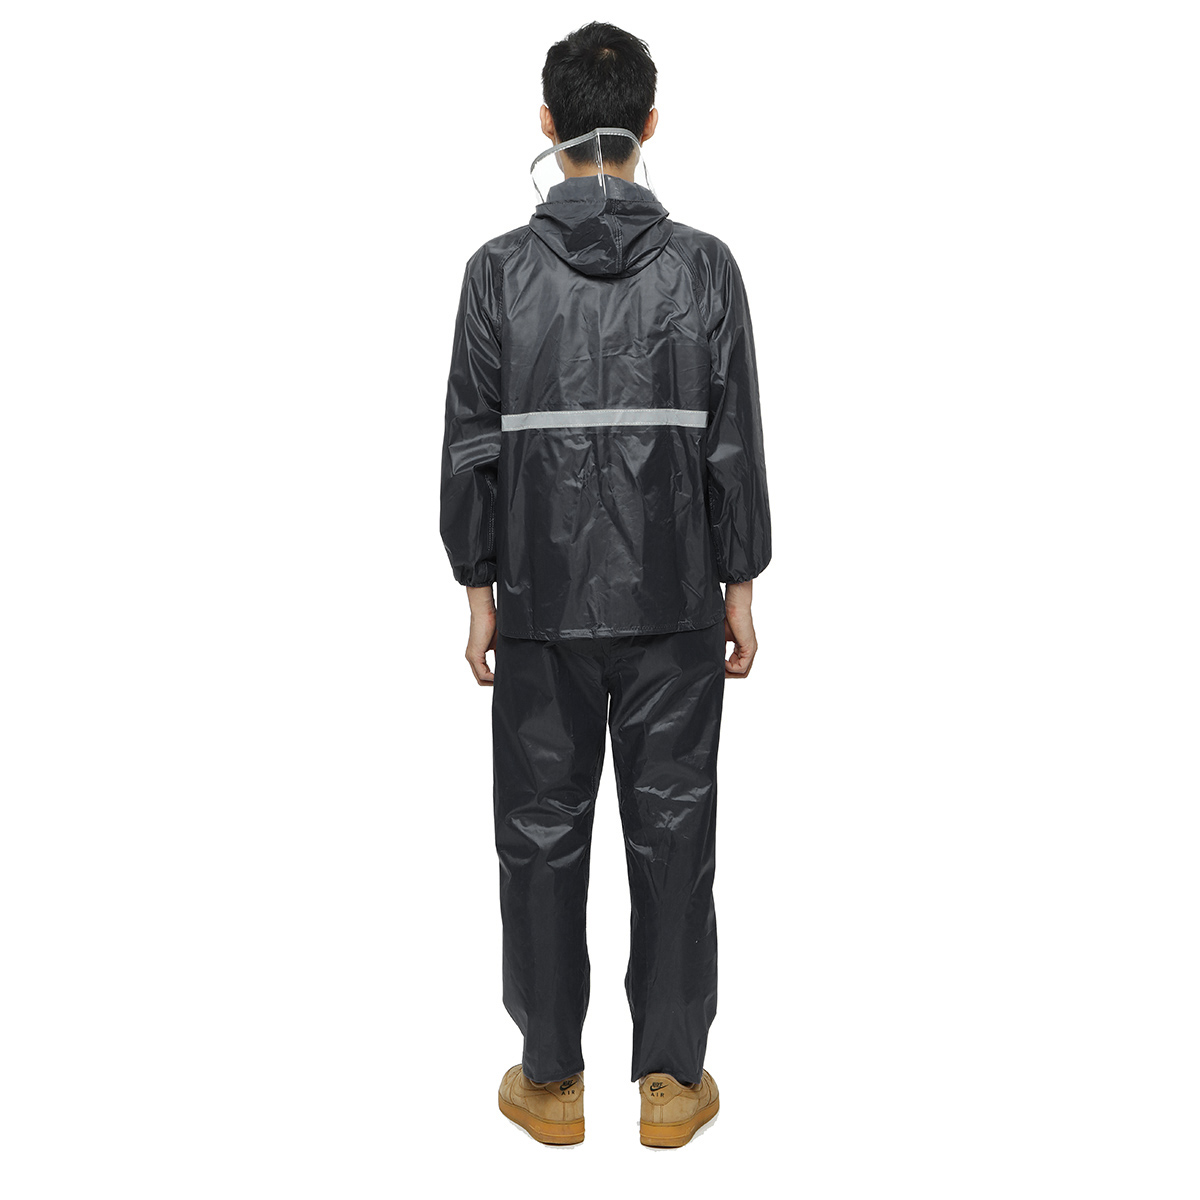 Raincoat Waterproof Hooded Rain Jacket With Pant For Men Woman Suit Farm Work Outdoor Hood Motorcycle